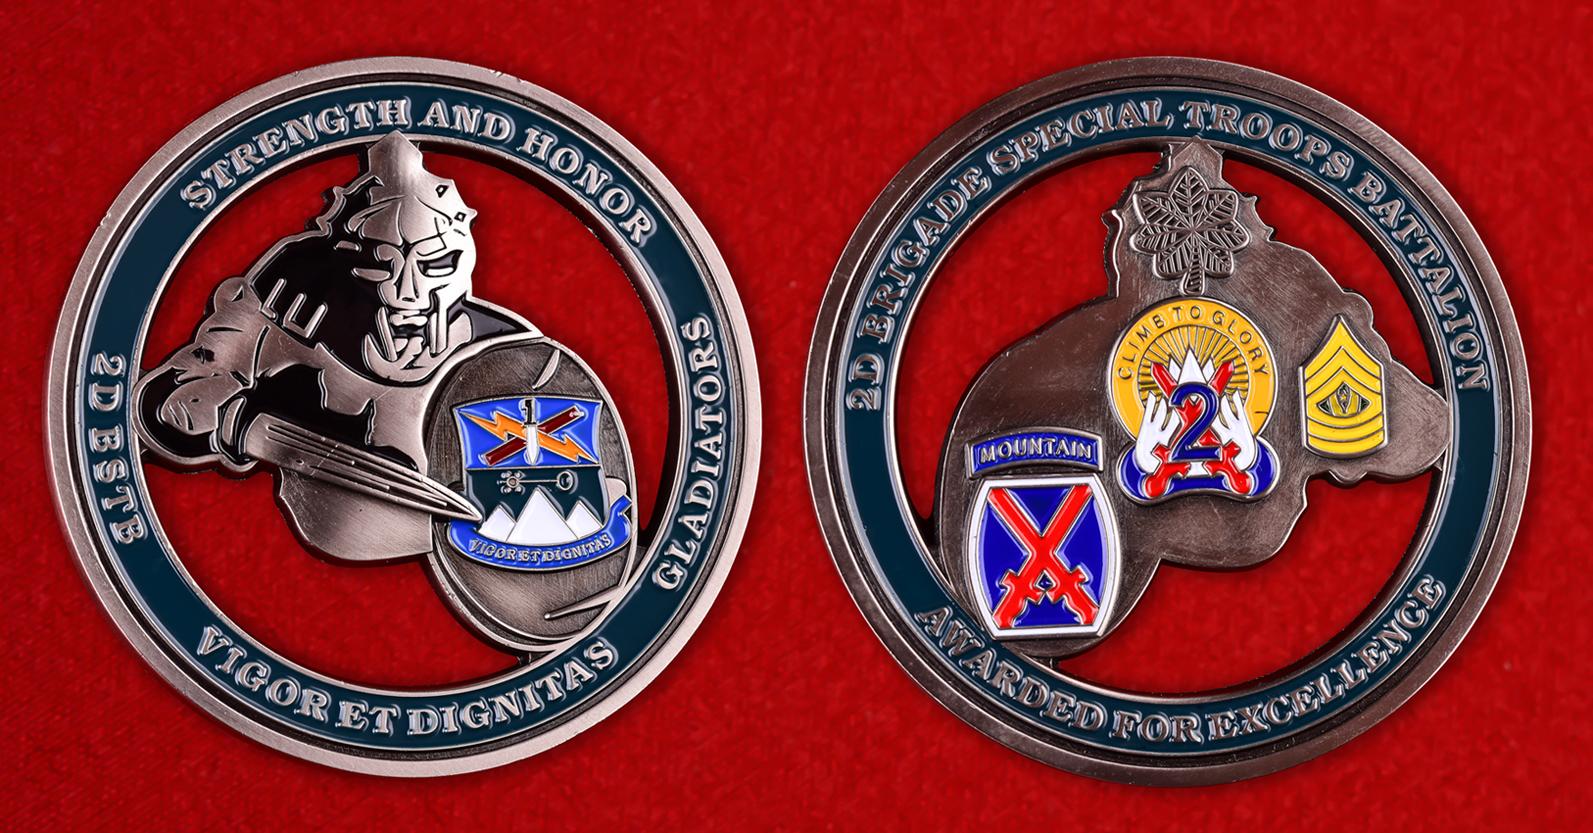 Челлендж коин 2-ой бригадной боевой группы 10 Горной дивизии США